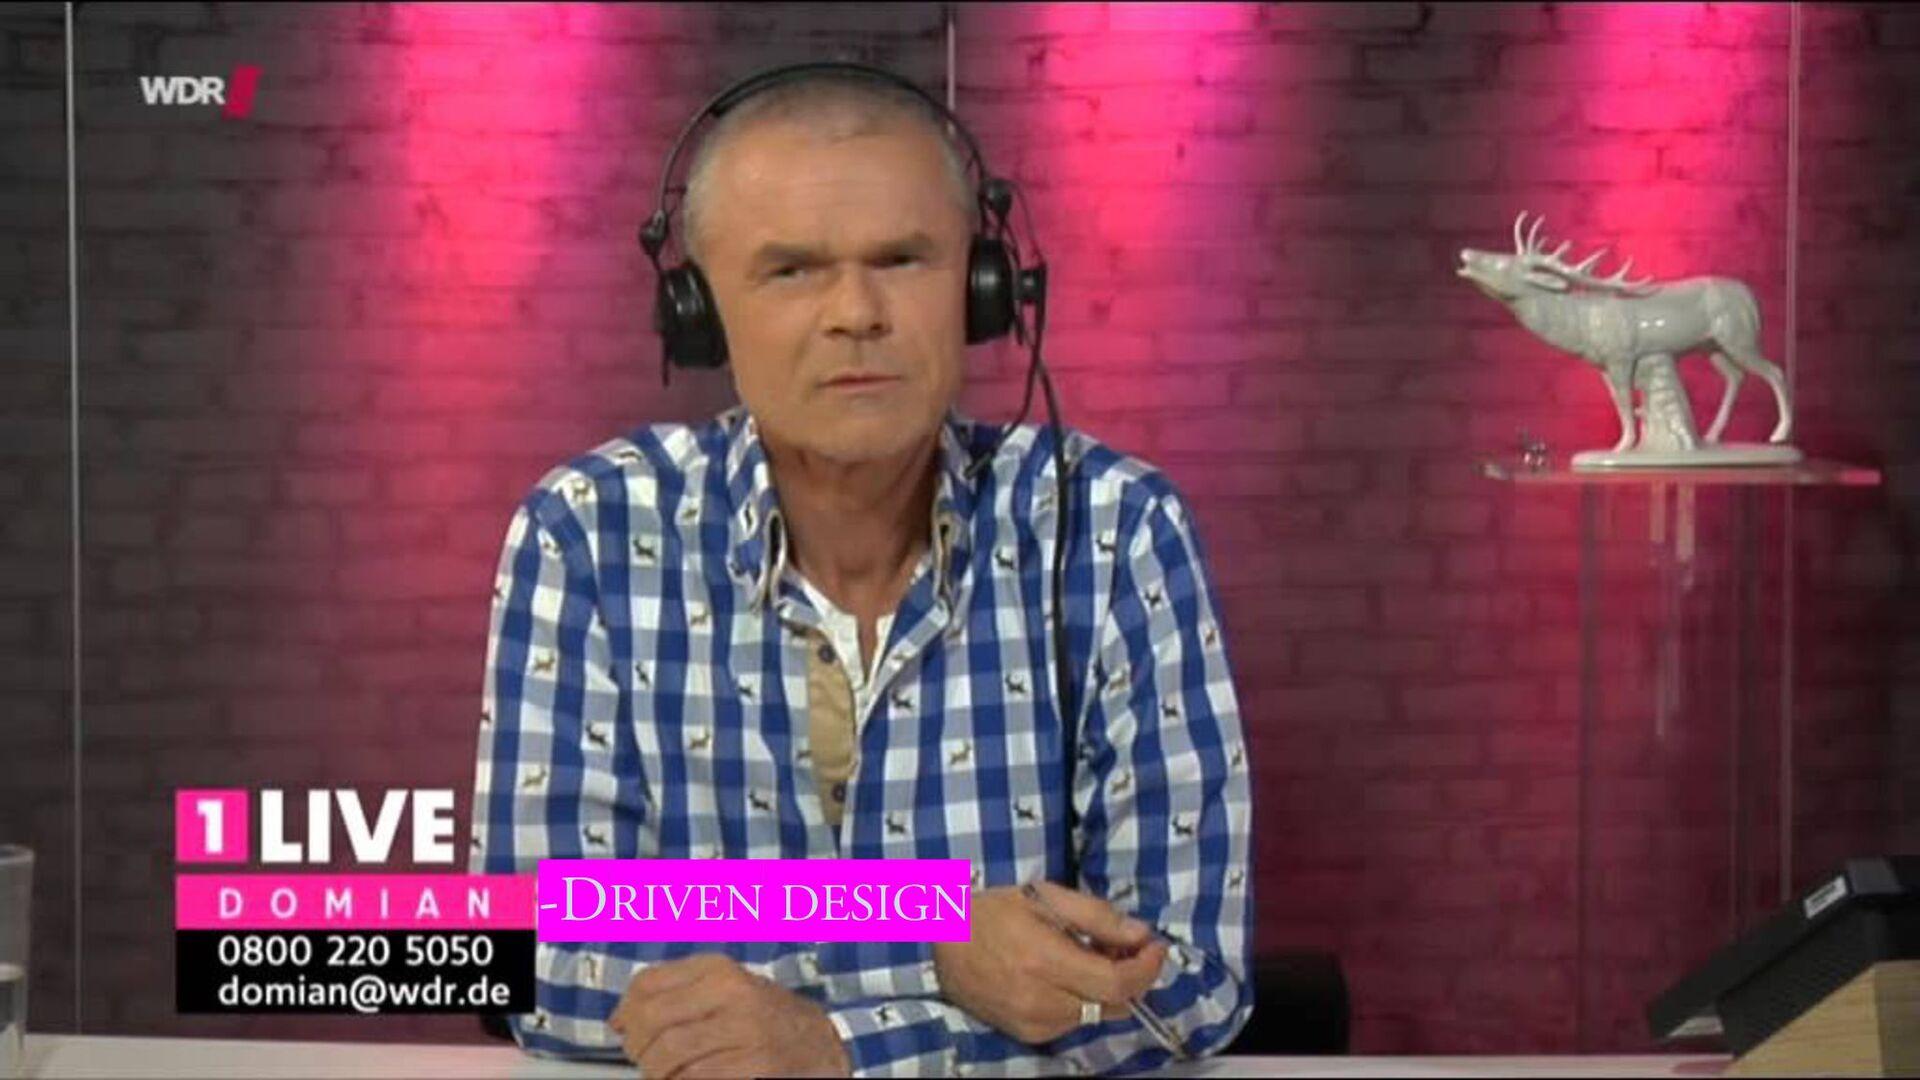 @hschwentner More on Domain Storytelling